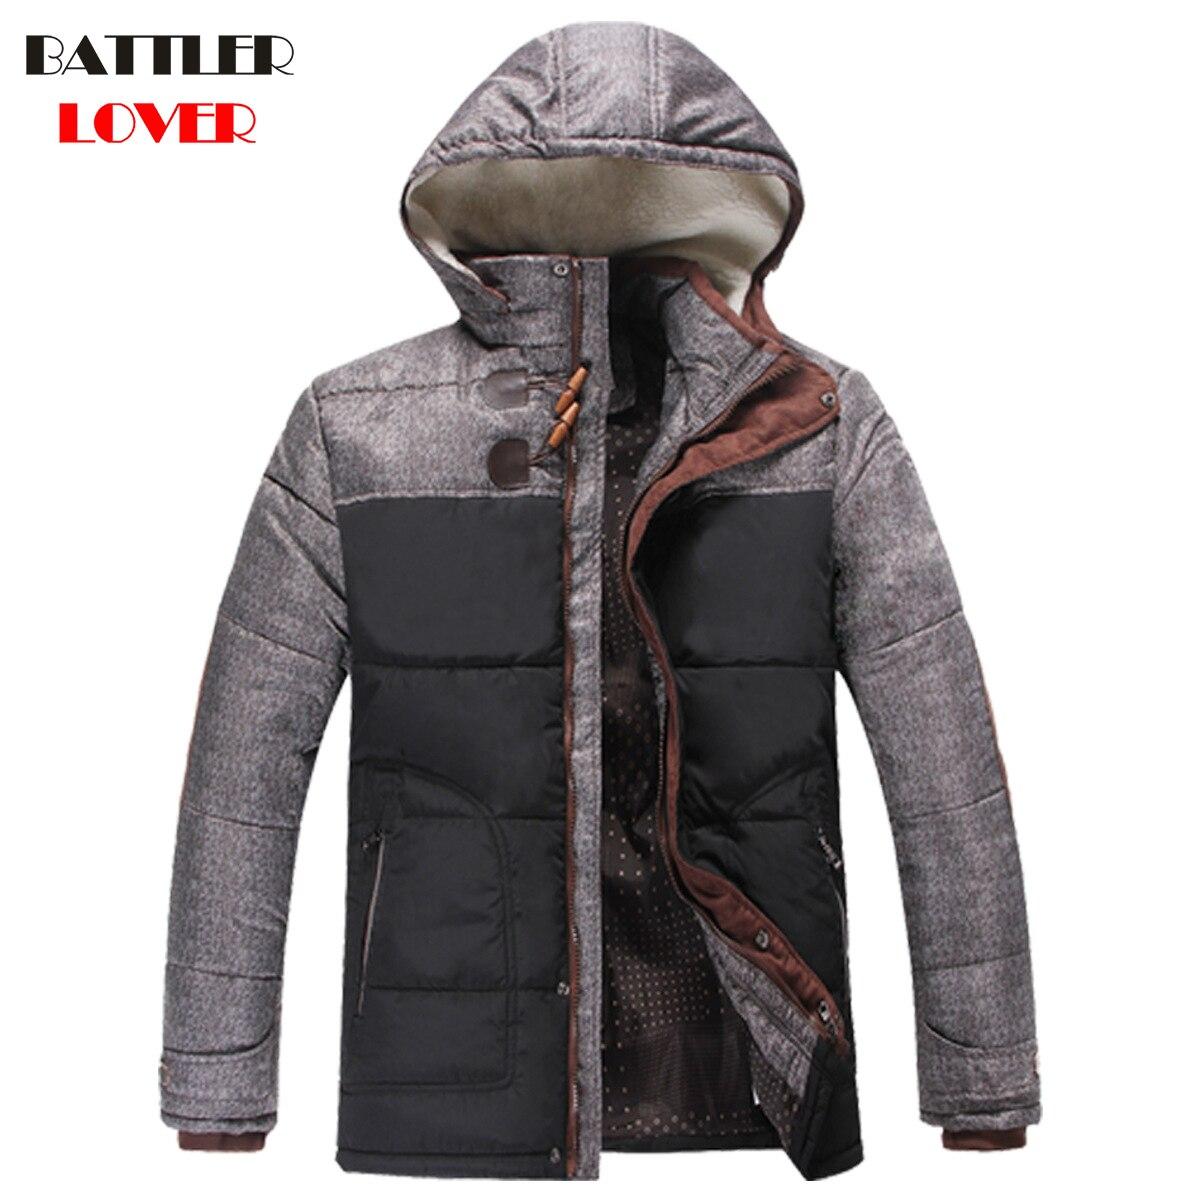 2017 Для мужчин зимняя куртка пальто толстые теплые хлопковые парки куртка Для мужчин S Сверхлегкий брендовая одежда парка человек с капюшоно...